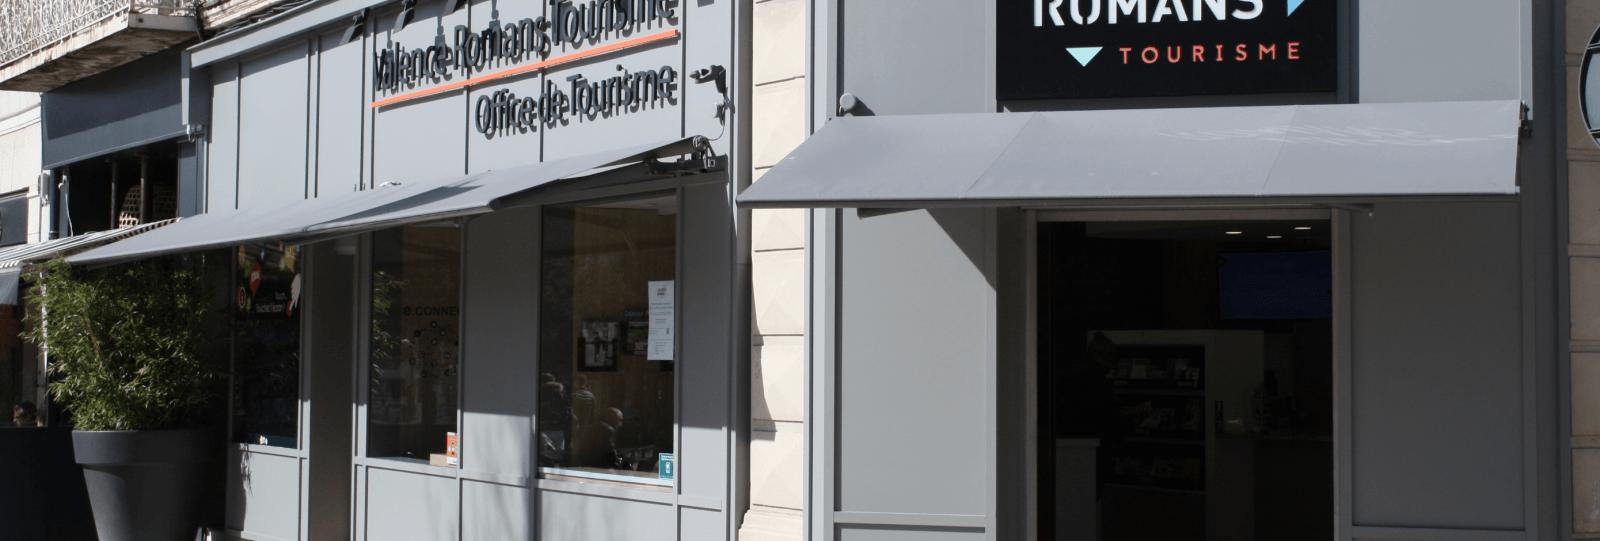 Valence Romans Tourisme: antenne de Valence